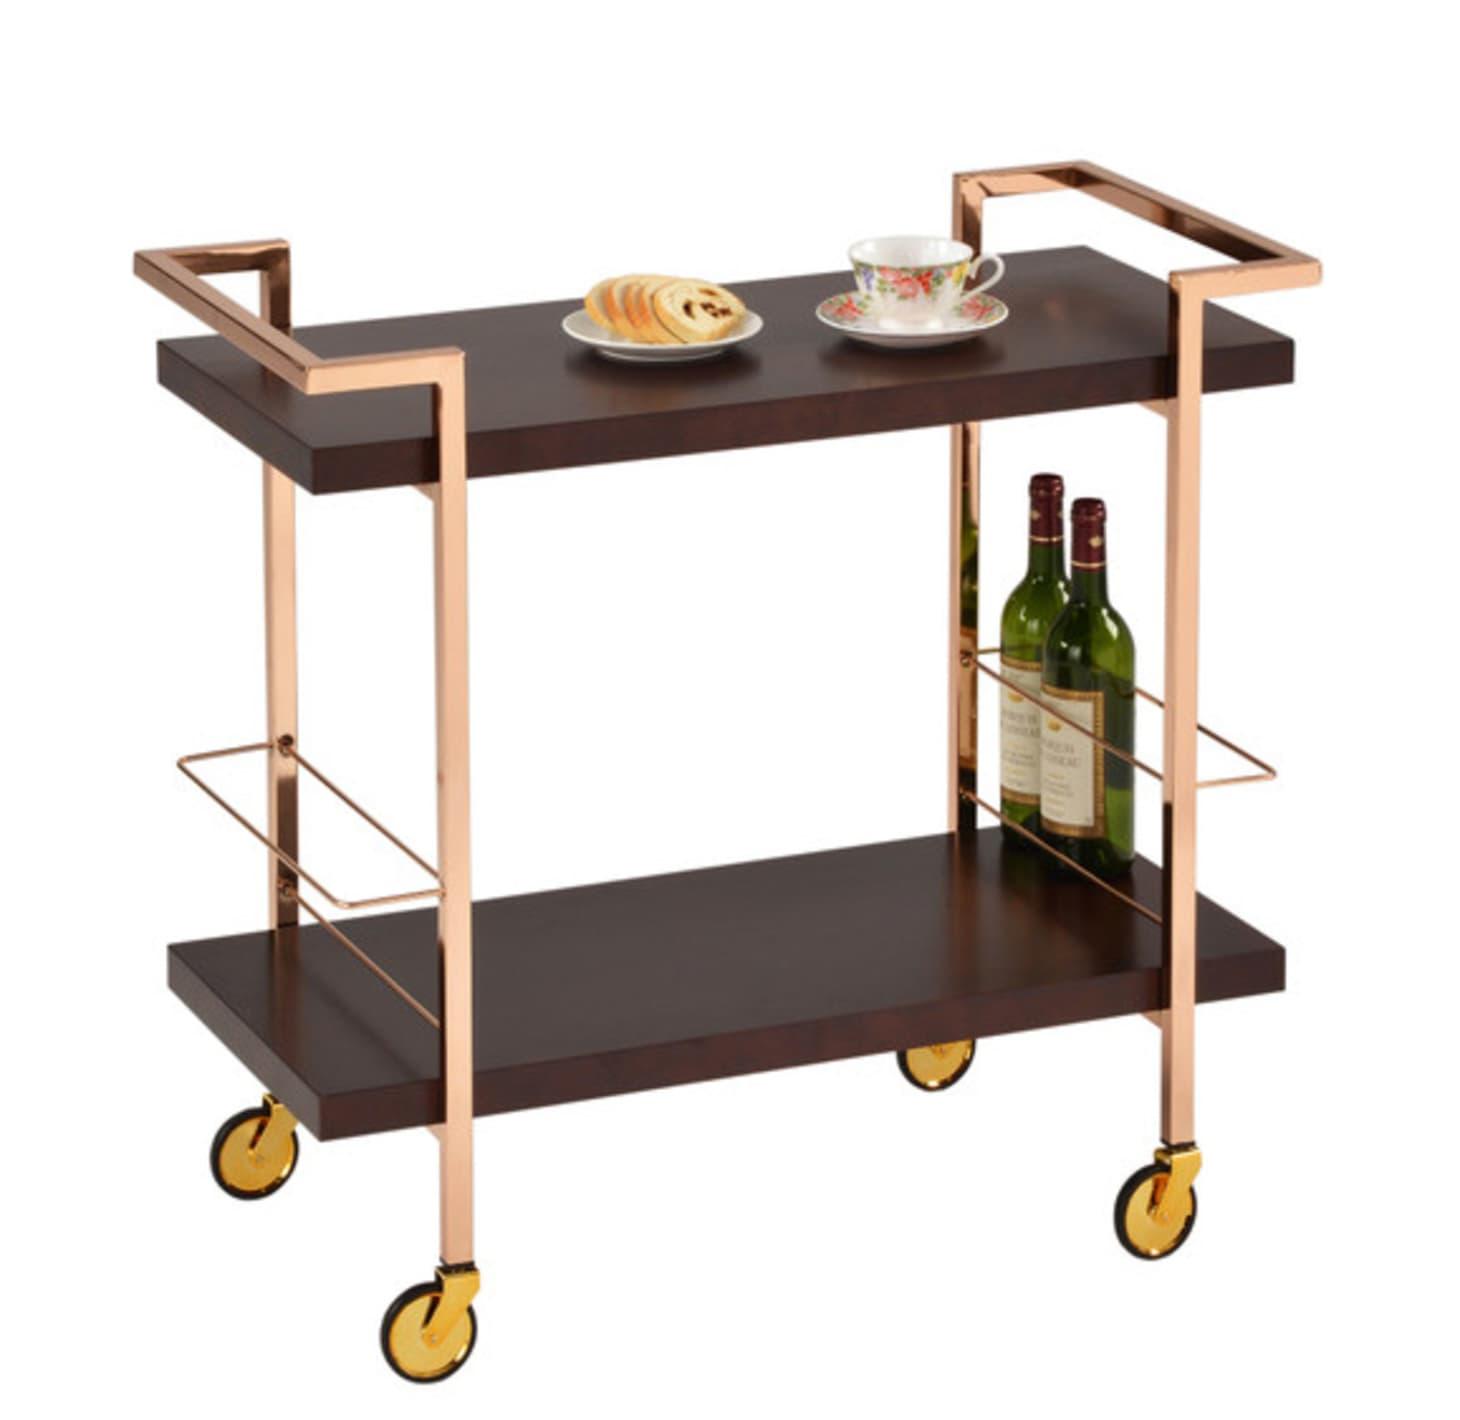 Bar Carts Bar Carts Reddit